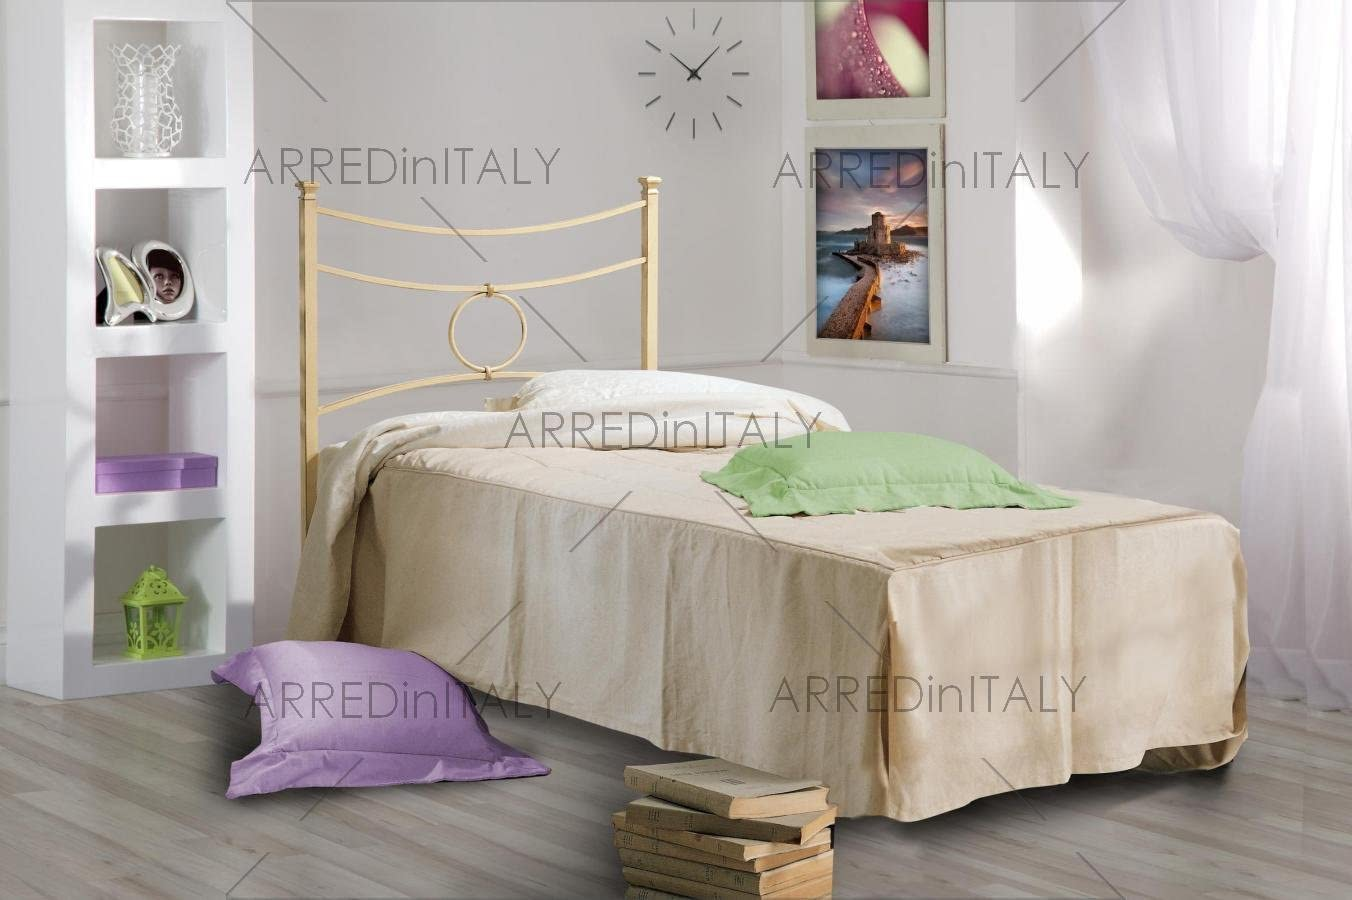 ARREDinITALY Cama Individual de Hierro Color Marfil con ...